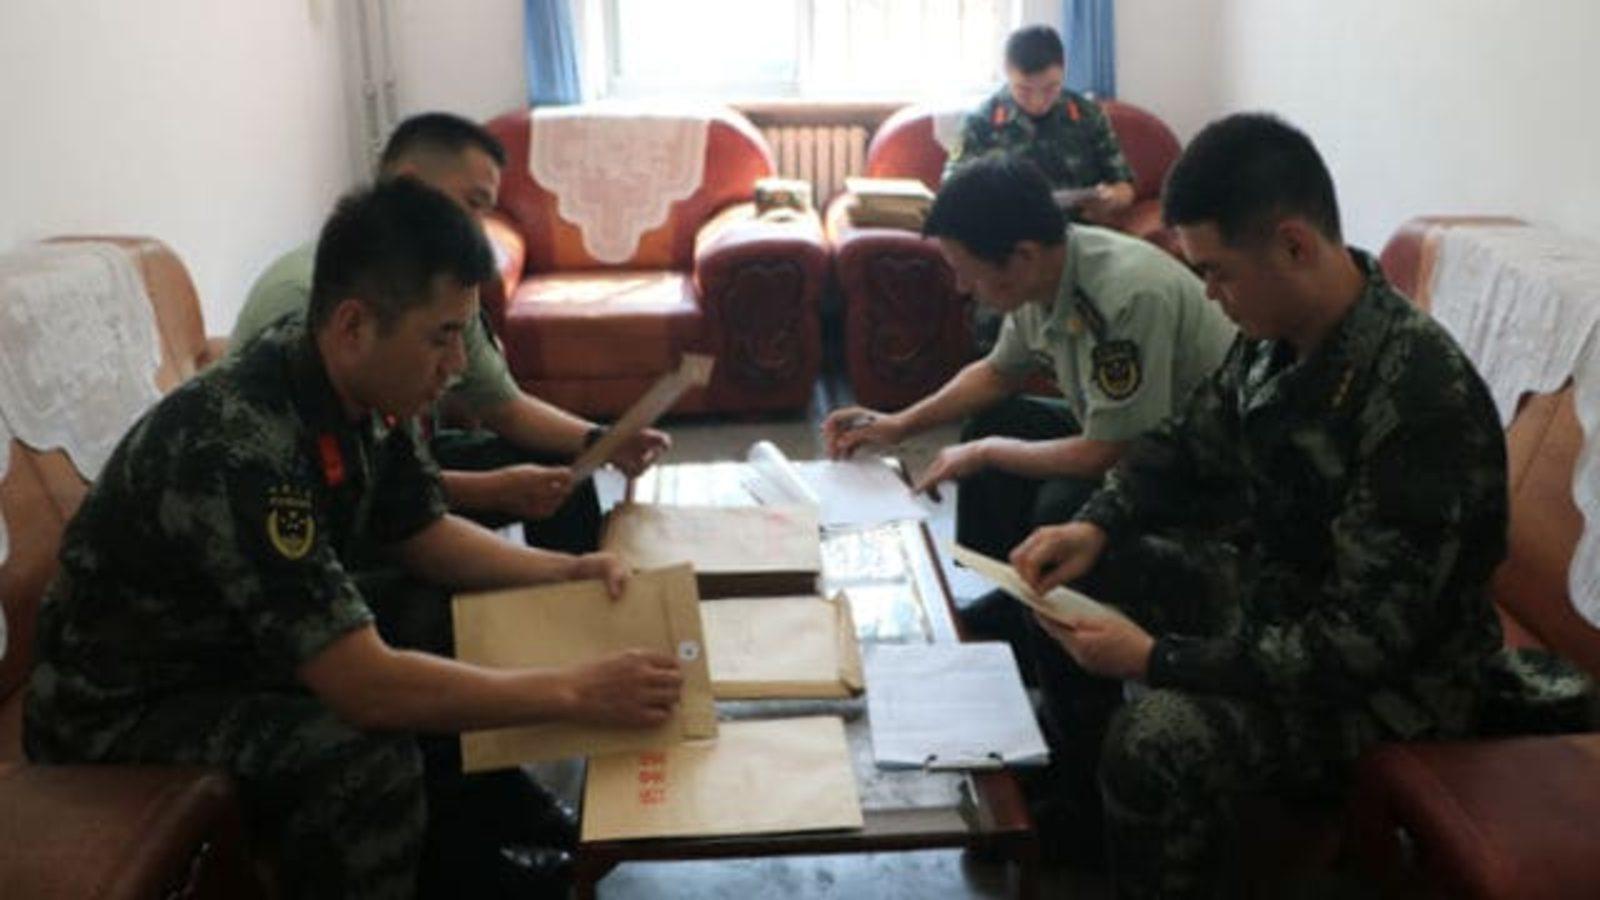 20190311-Veiligheidscheck-op-politieke-beoordeling-negende-divisie-leger